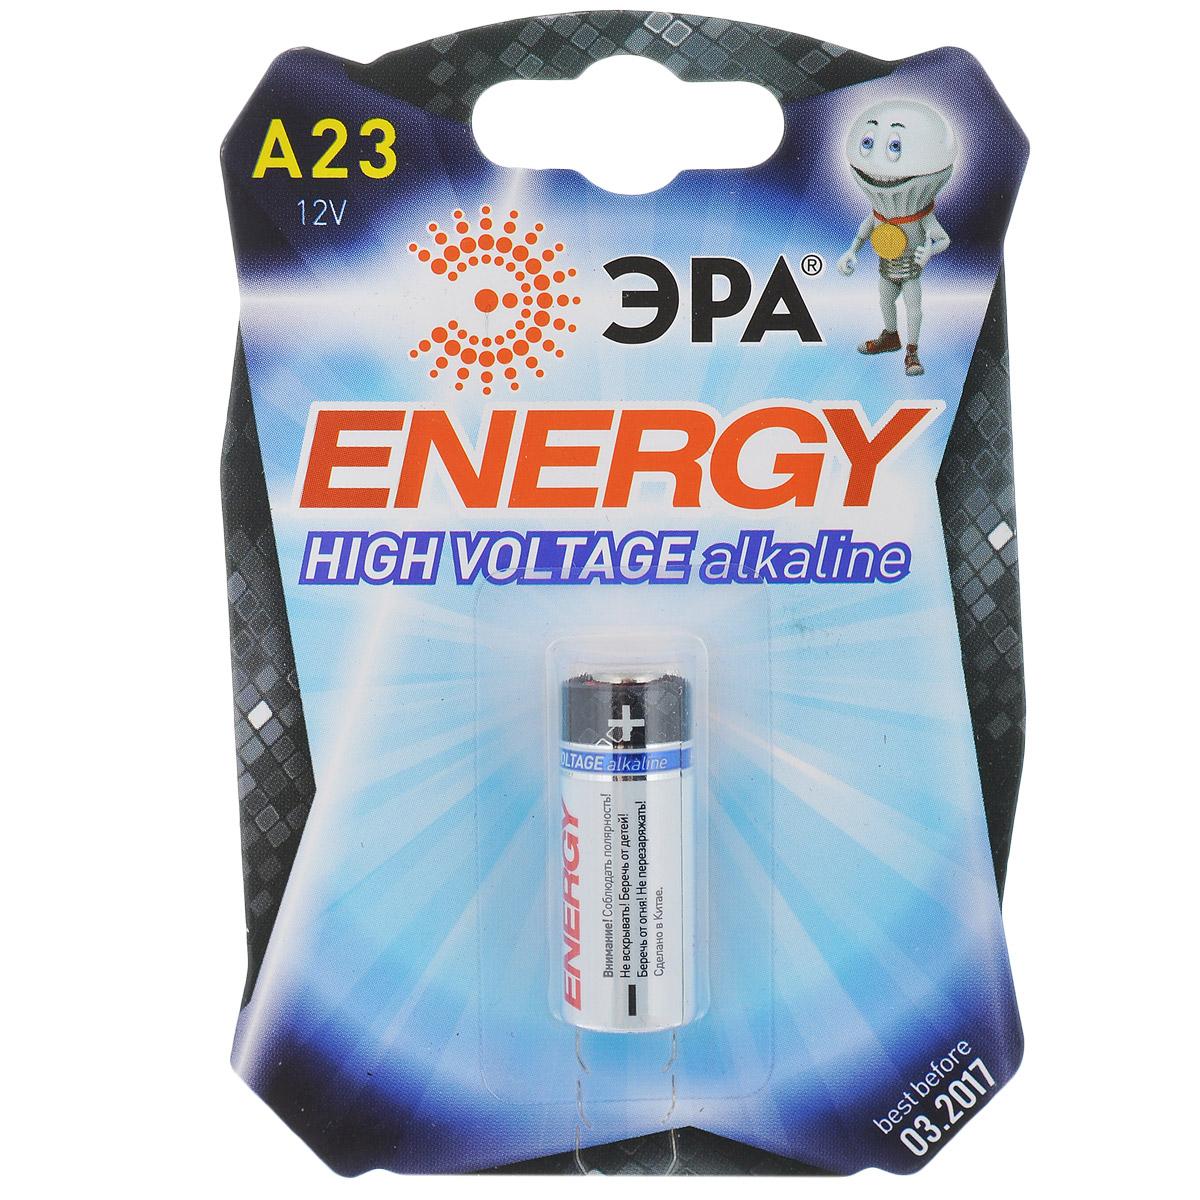 Батарейка алкалиновая ЭРА Energy, тип A23 (1BL), 12В5055398601143Щелочные (алкалиновые) батарейки ЭРА Energy оптимально подходят для повседневного питания множества современных бытовых приборов: автосигнализаций, электронных игрушек, фонарей, беспроводной компьютерной периферии и многого другого. Не содержат кадмия и ртути. Батарейки созданы для устройств со средним и высоким потреблением энергии. Работают в 10 раз дольше, чем обычные солевые элементы питания. Размер батарейки: 1 см х 2,7 см.